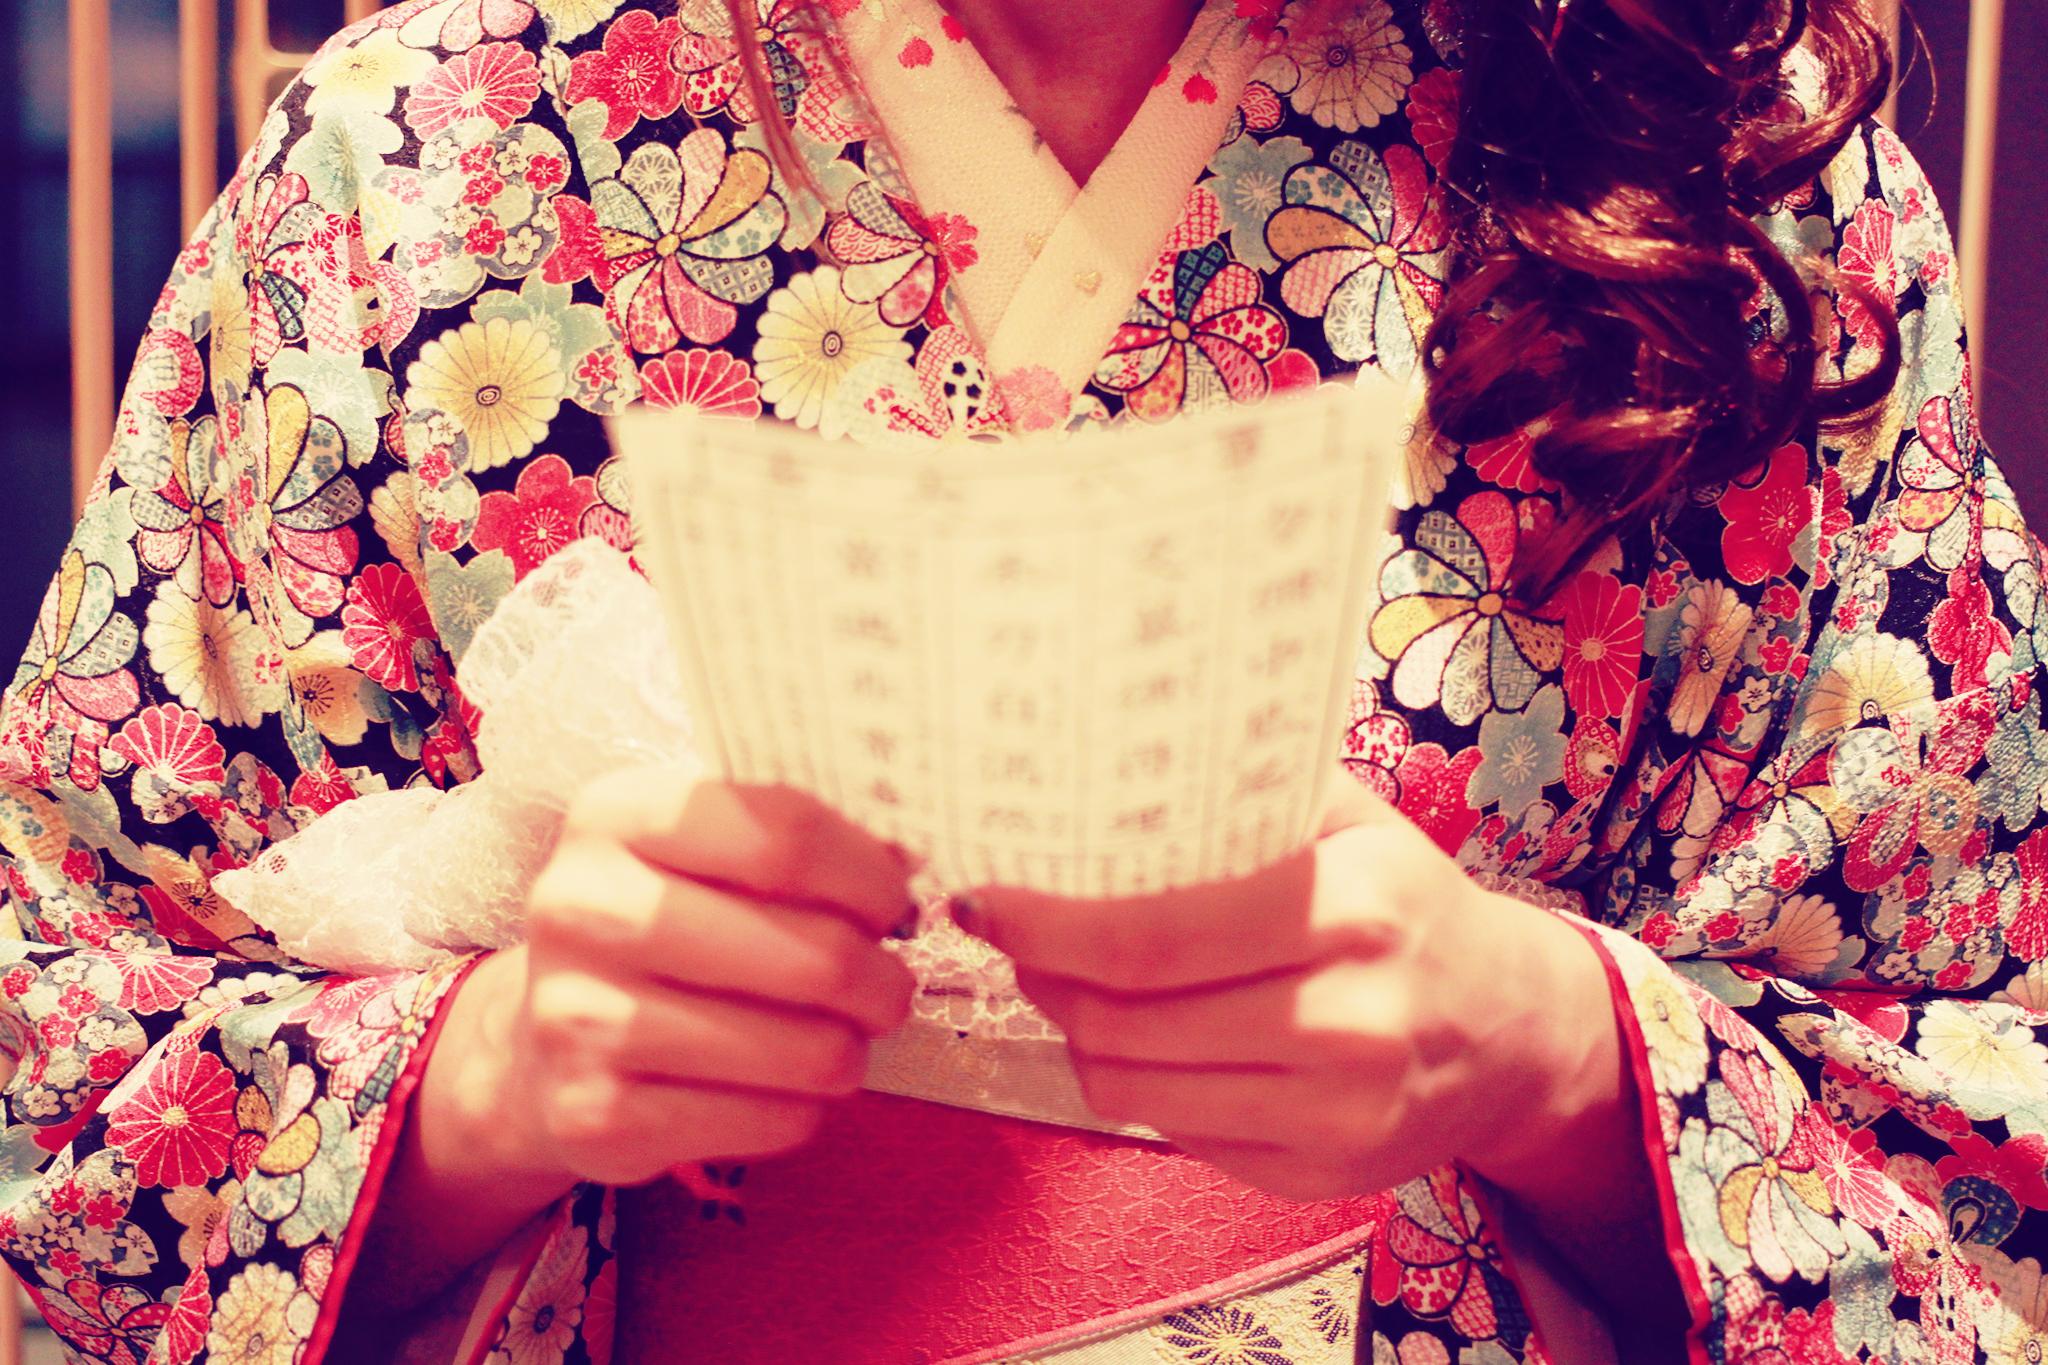 東京のパワースポットで恋愛・縁結び祈願♡片思い中におすすめのスポット!